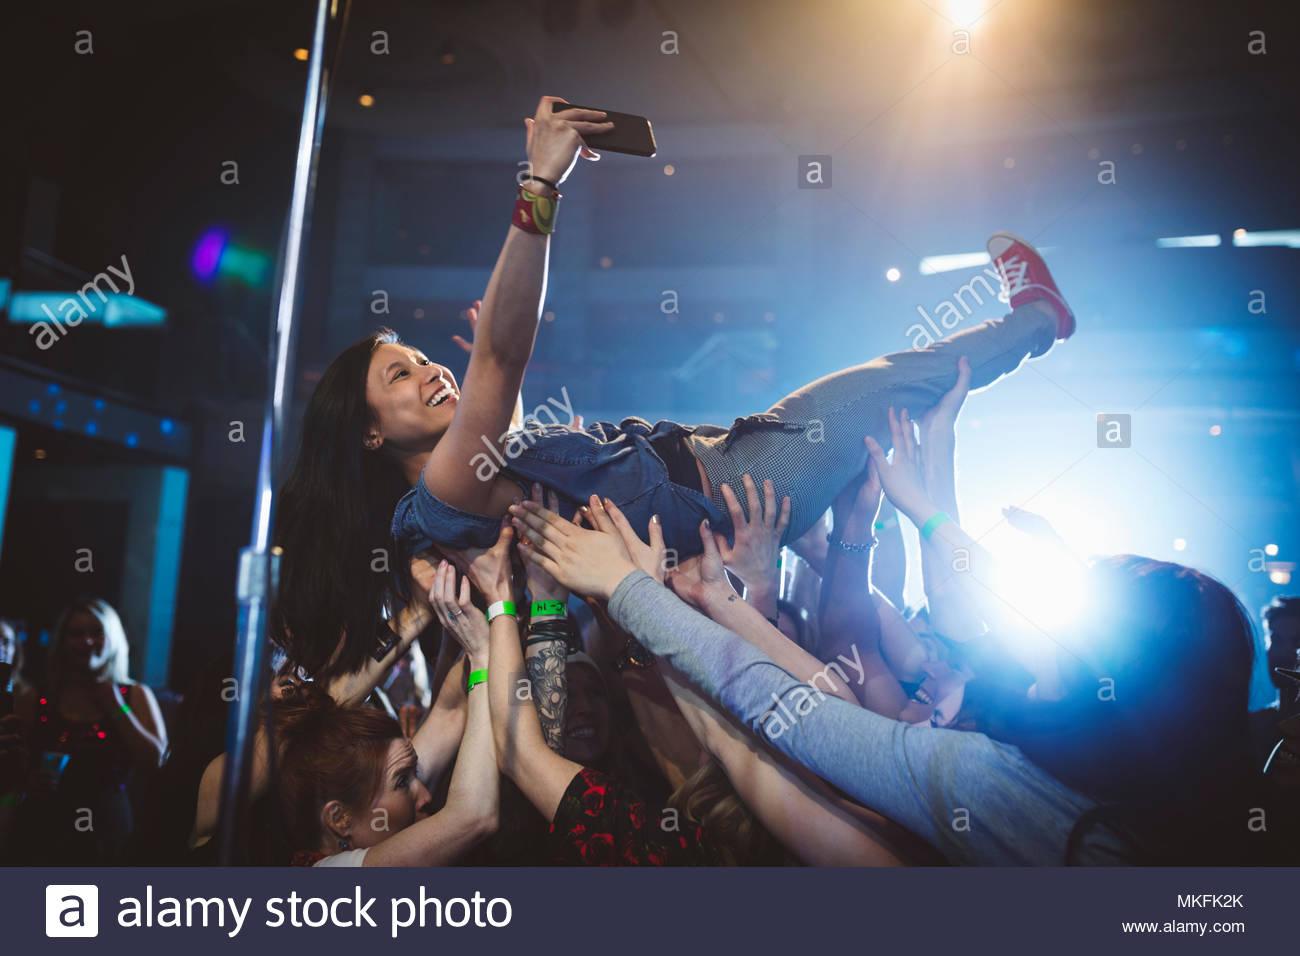 Exuberante mujer con cámara teléfono crowdsurfing en concierto de música en discoteca Imagen De Stock